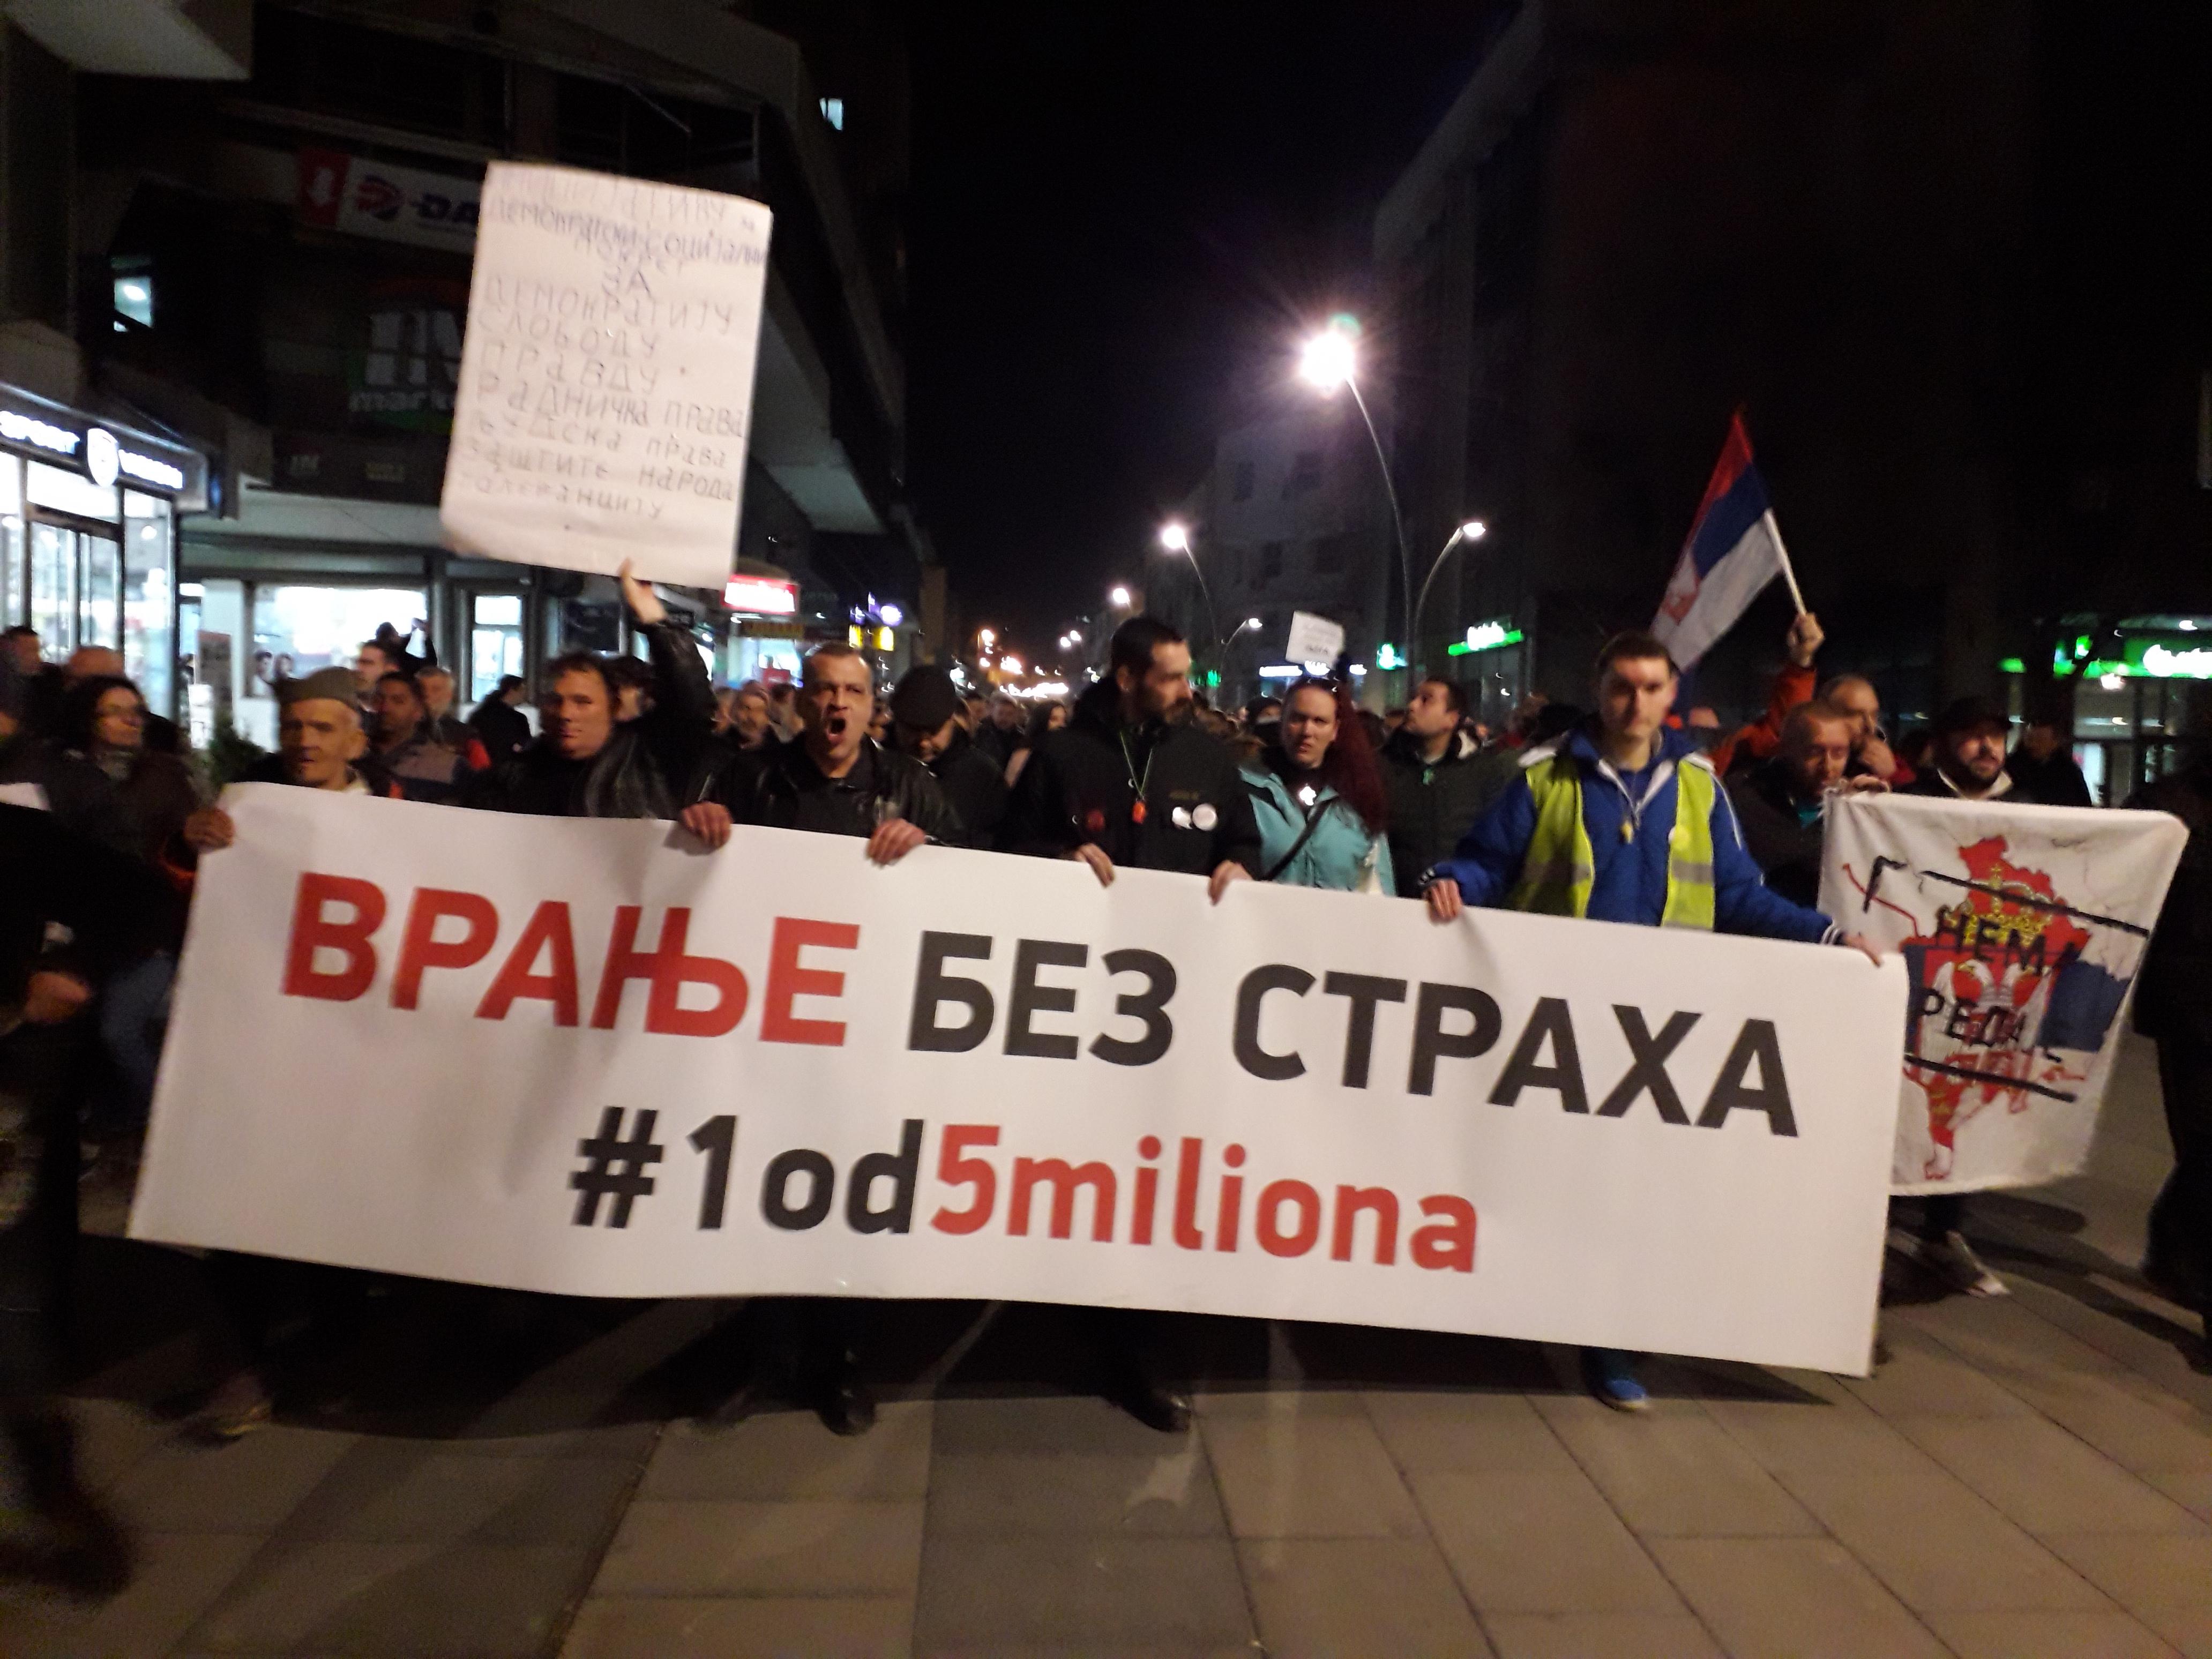 Protesti 1 od 5 miliona u više gradova (VIDEO, FOTO) 7